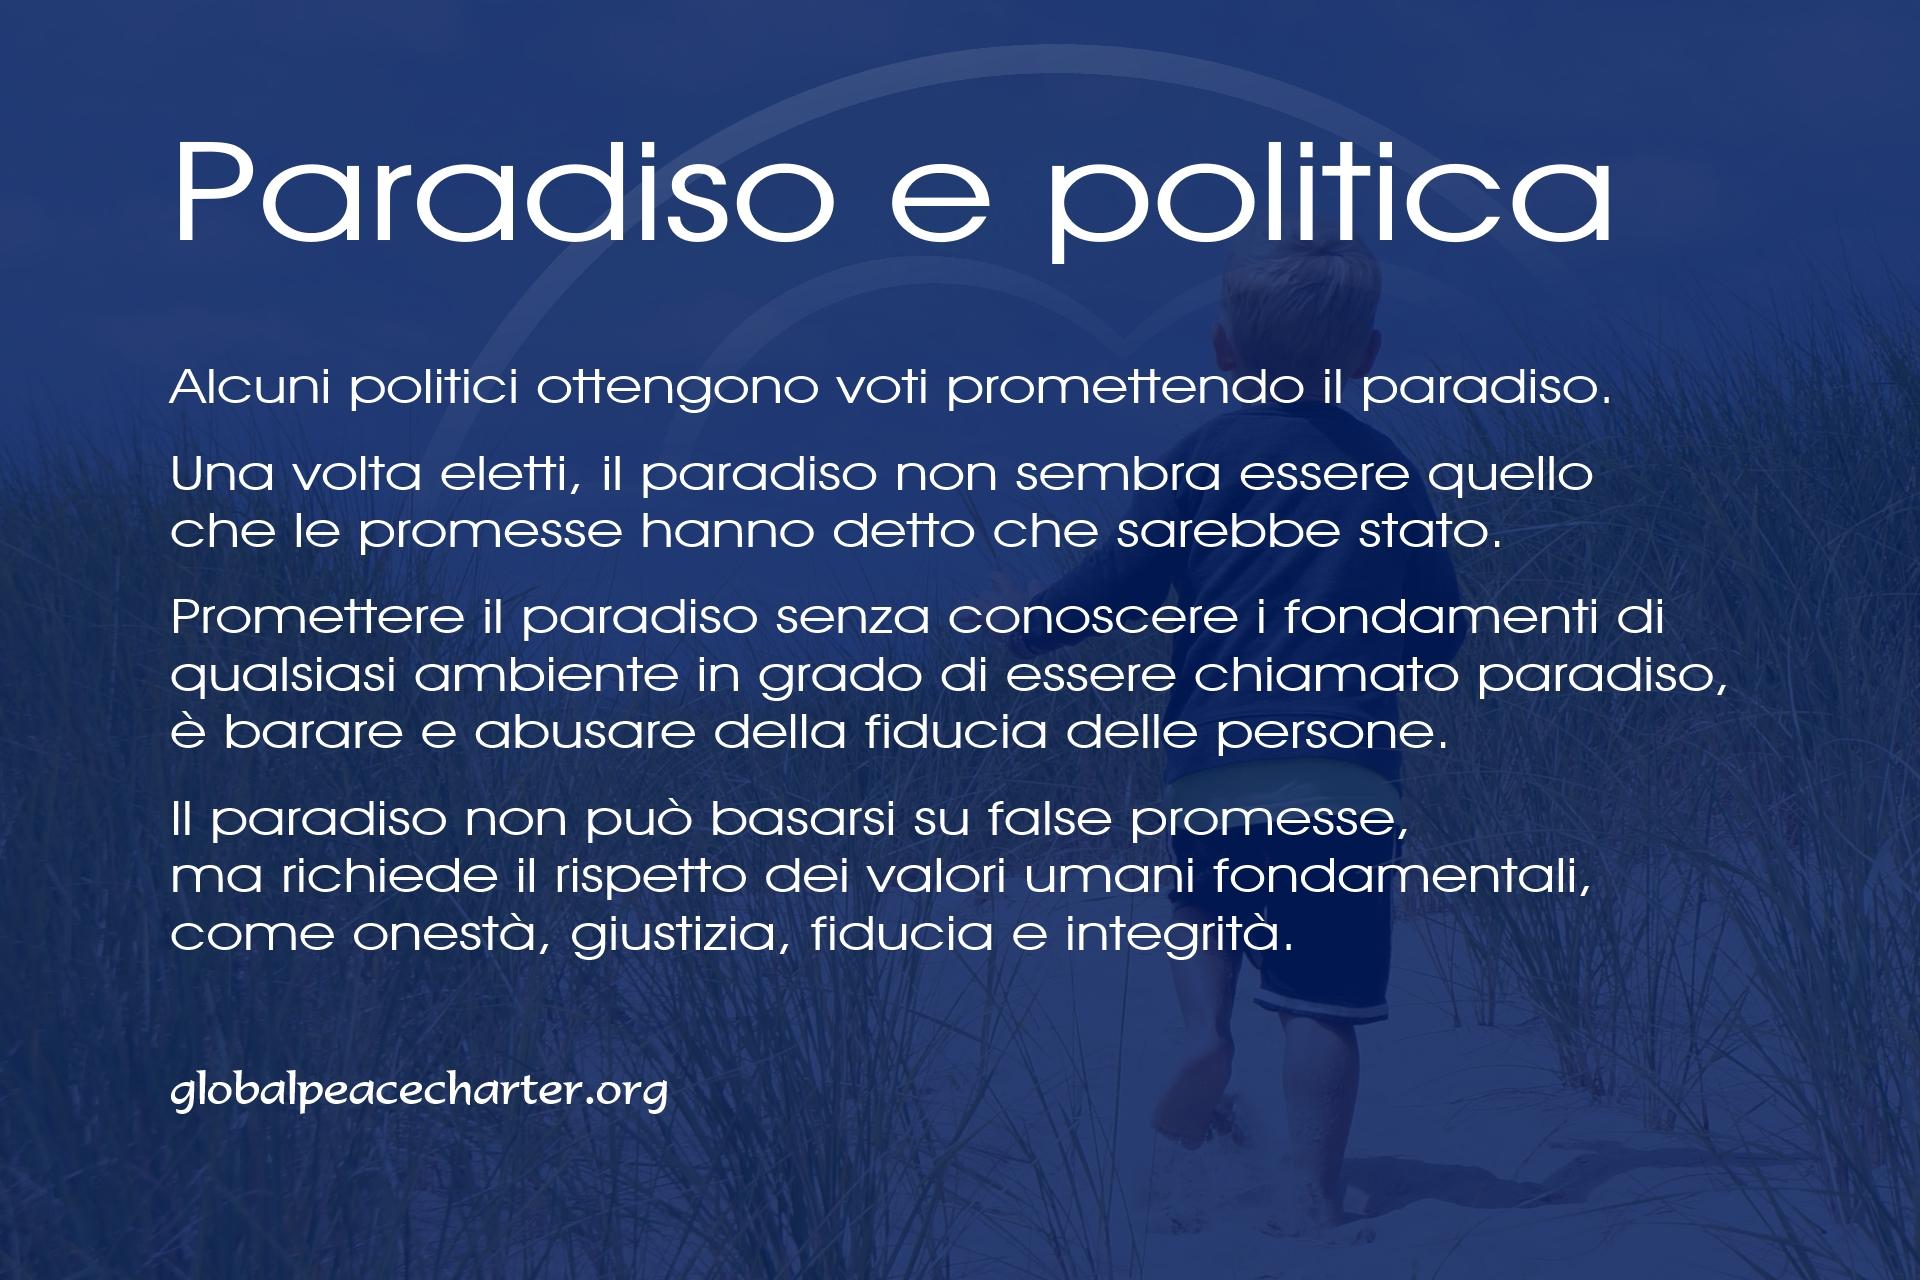 Paradiso e politica